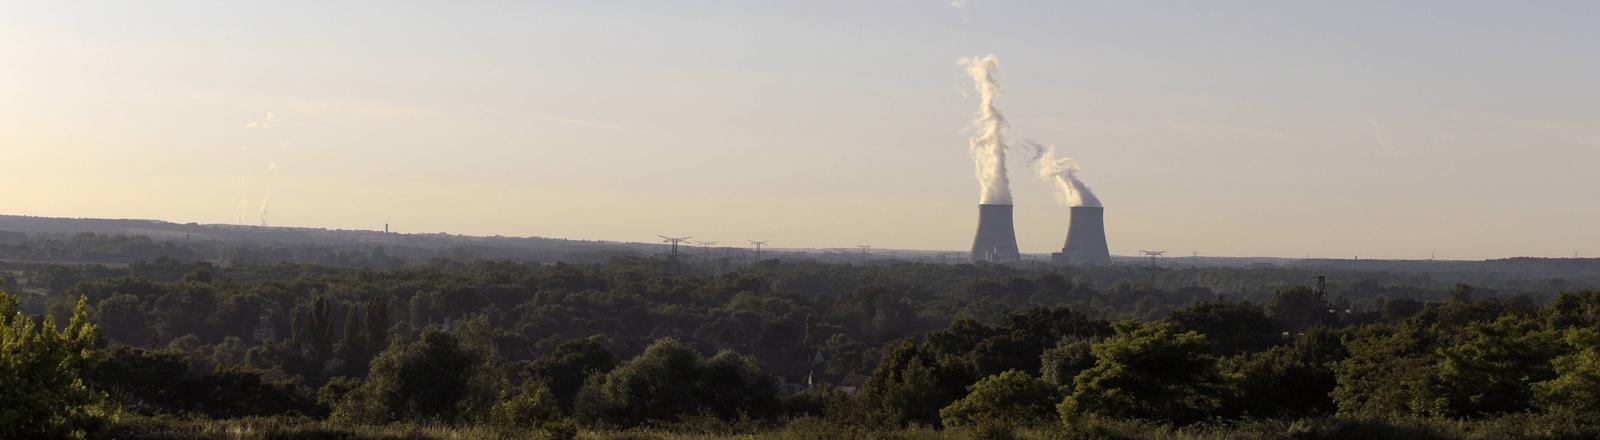 Ein Atomkraftwerk in weiter Ferne